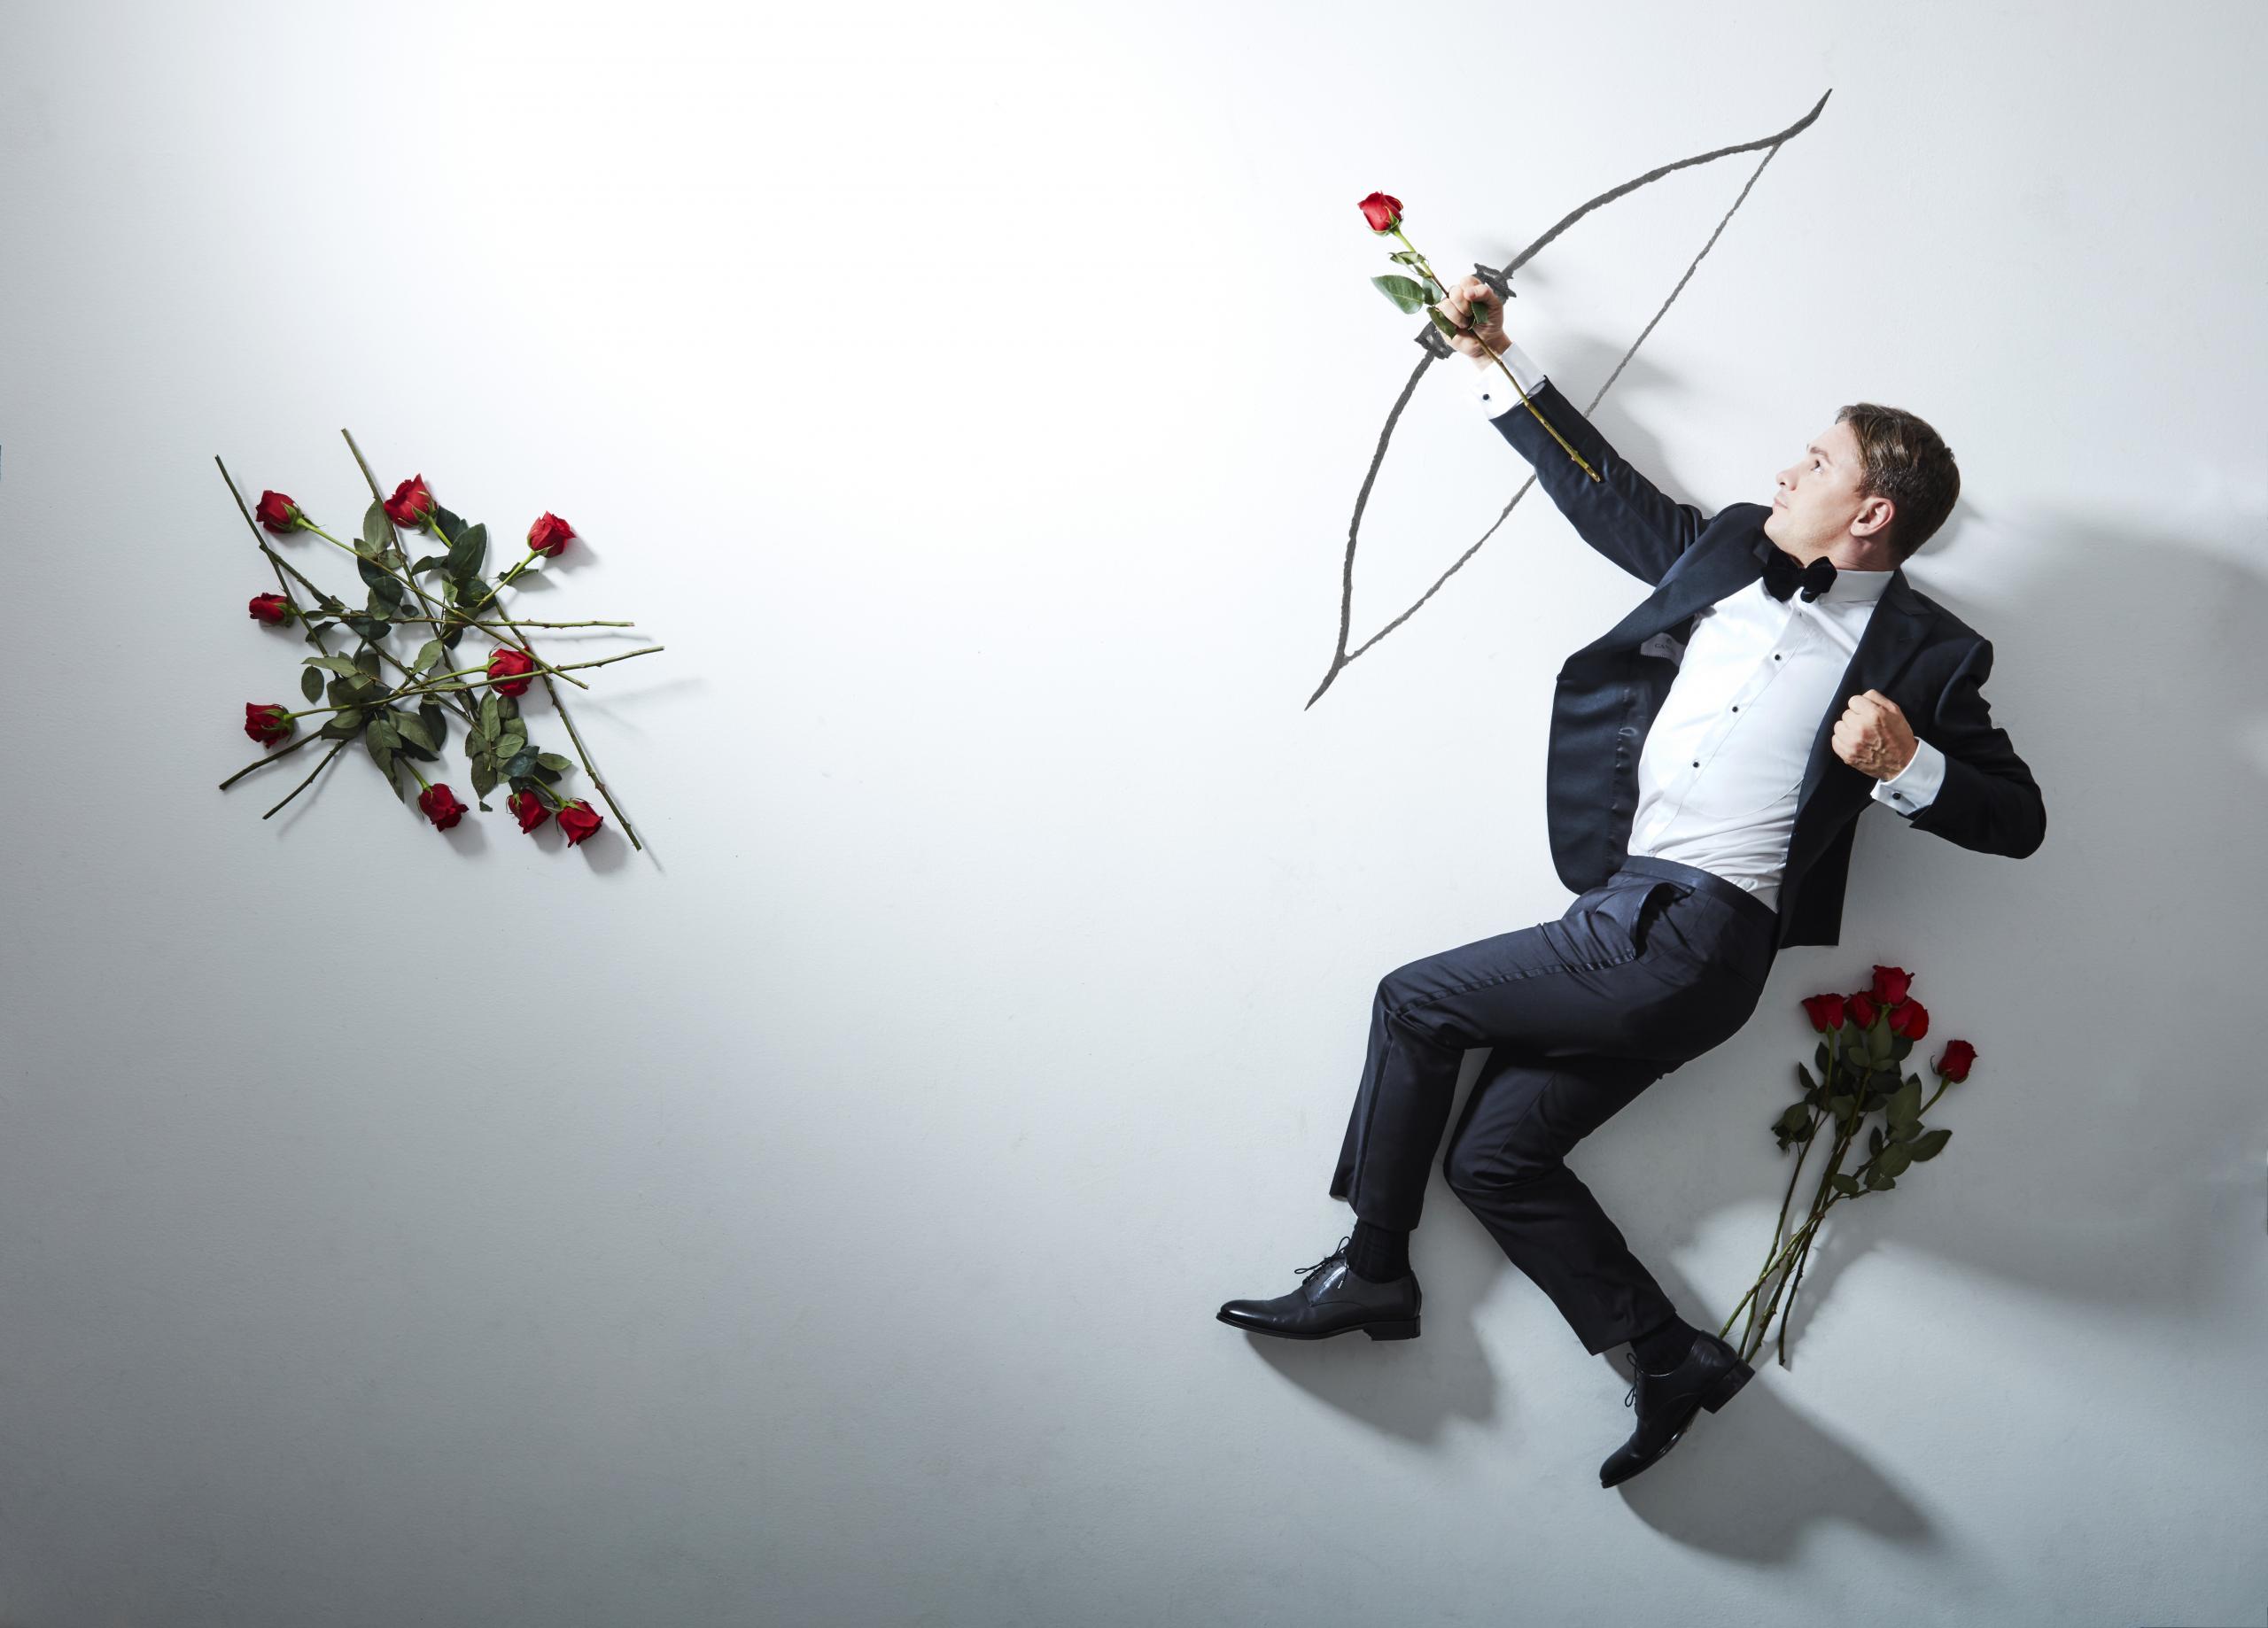 Αυτός ο άνθρωπος θα σας πείσει να βγείτε ραντεβού μέσω dating app O Andrey Andreev, ιδρυτής και CEO του μεγαλύτερου dating app στον κόσμο, του Badoo, μιλάει στο ELLE για την ασφάλεια της εφαρμογής, για τις σχέσεις, τον ψηφιακό ρομαντισμό, τον φεμινισμό και για τα «ευχαριστώ» που λαμβάνει καθημερινά.